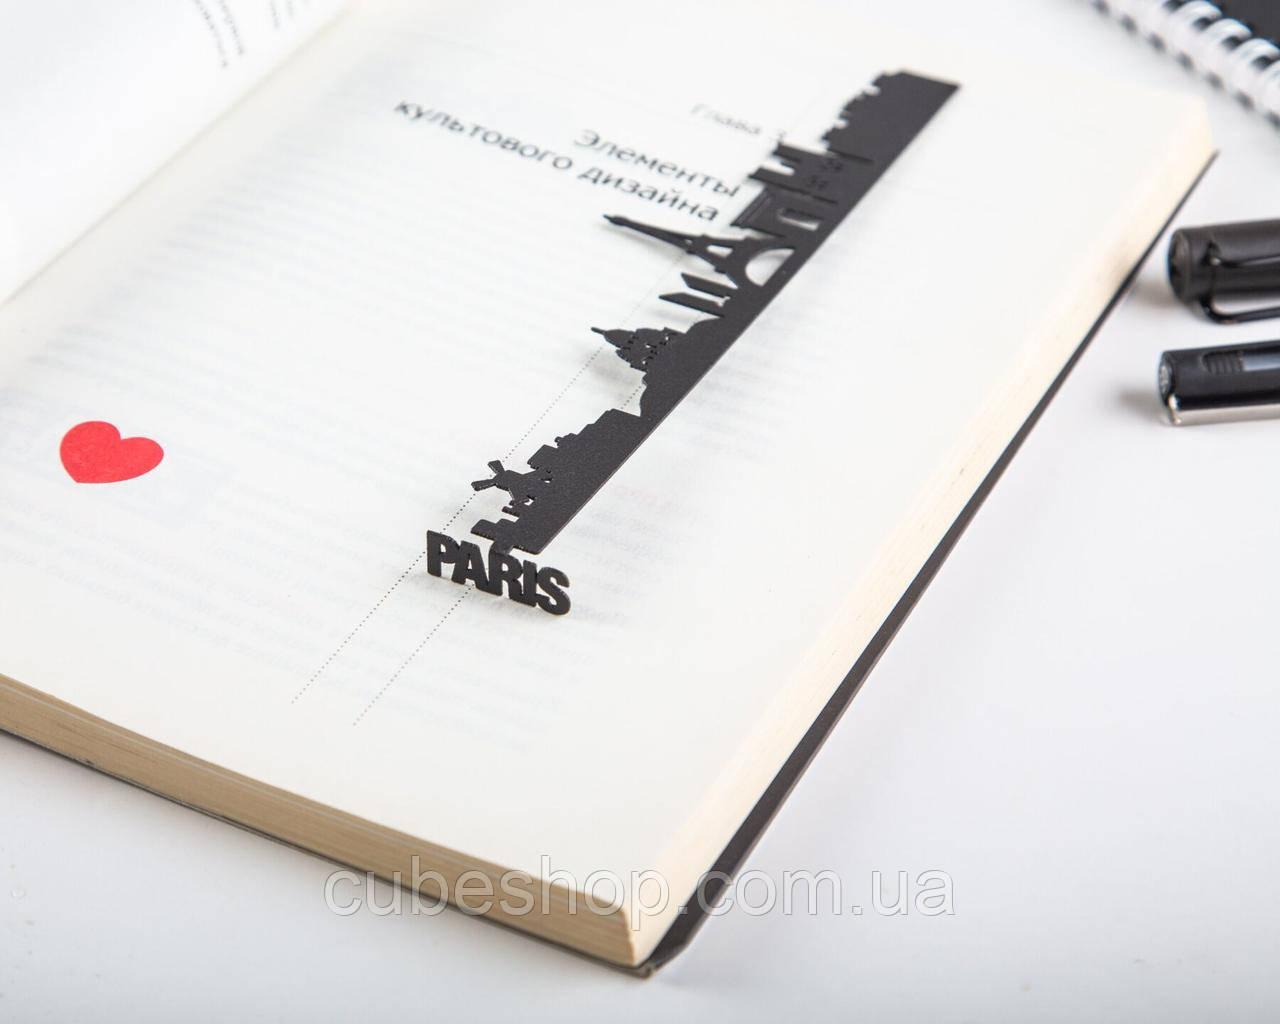 Закладка для книг Paris